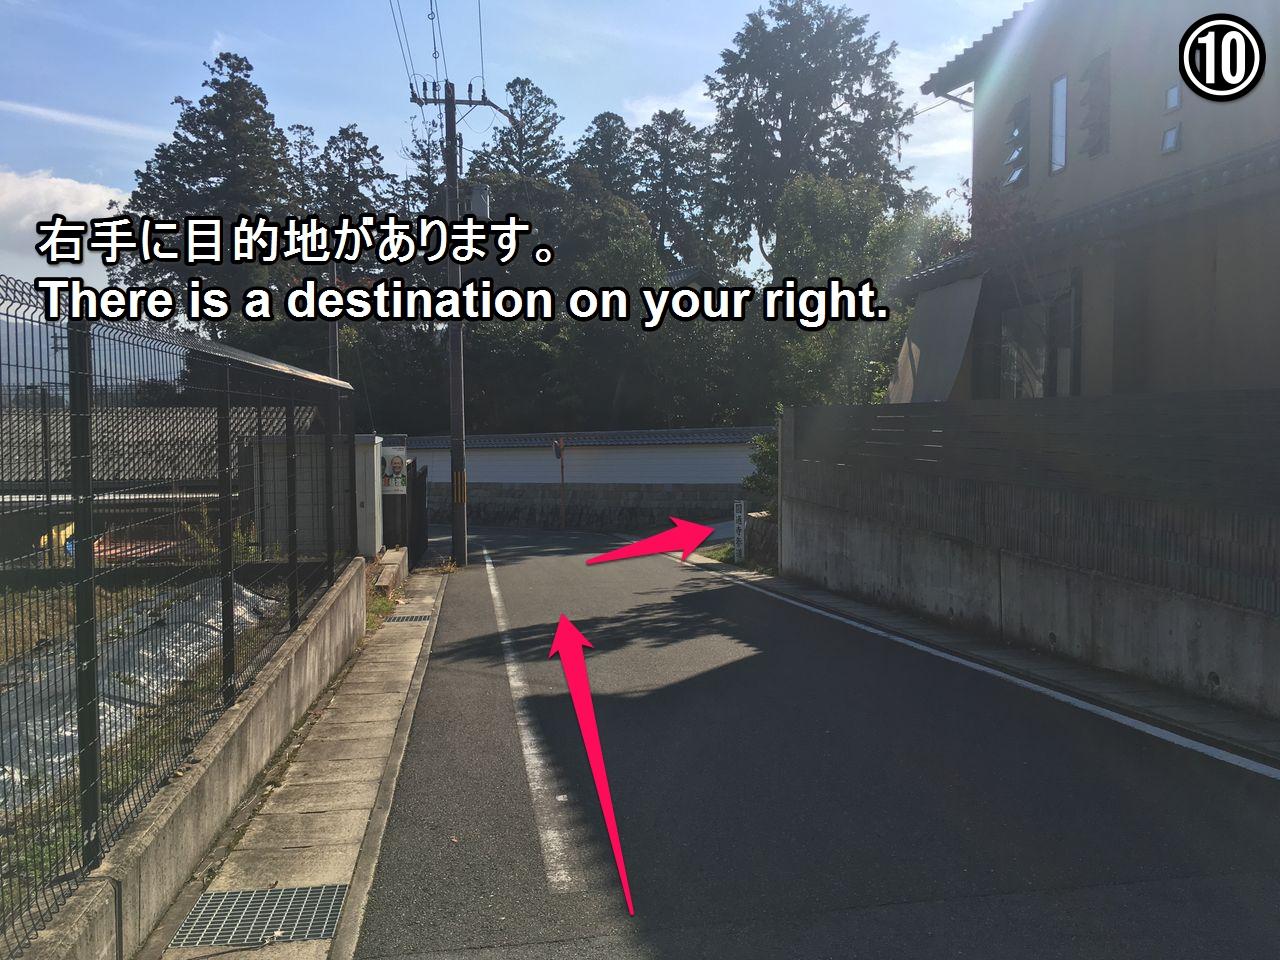 entsuji-htg-10